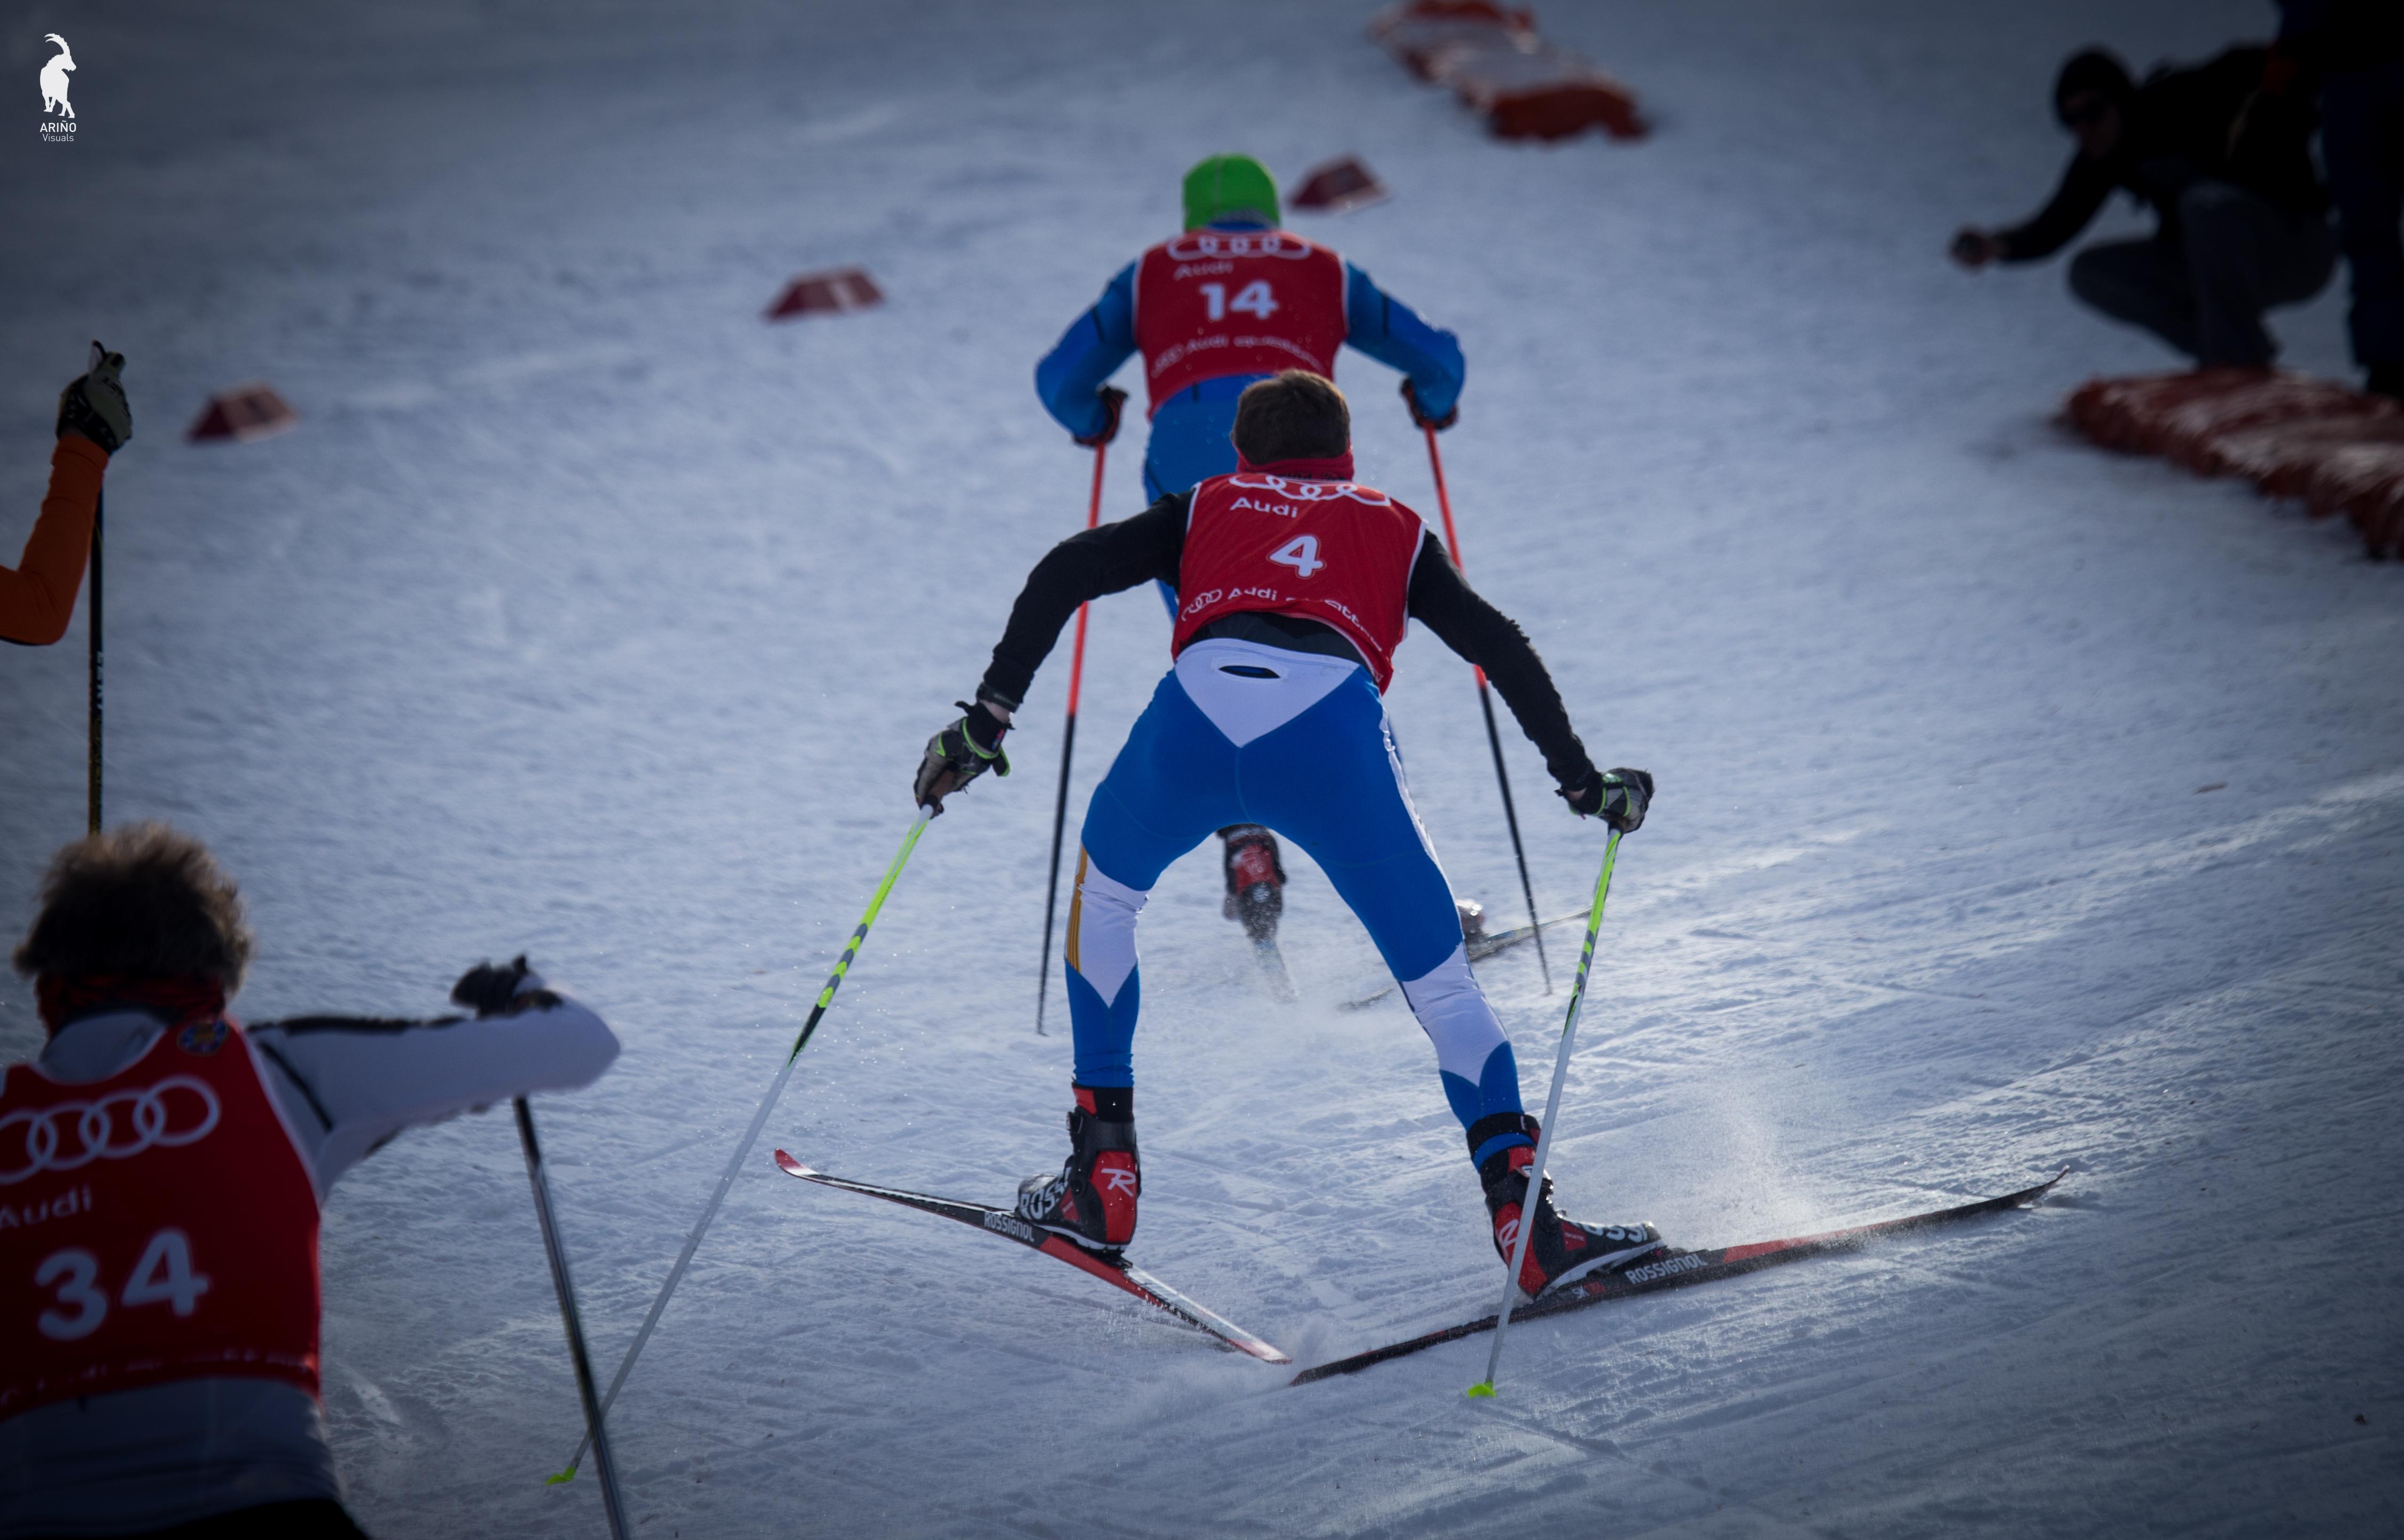 Competició a Tuixent -La Vansa. © Tot Nòrdic